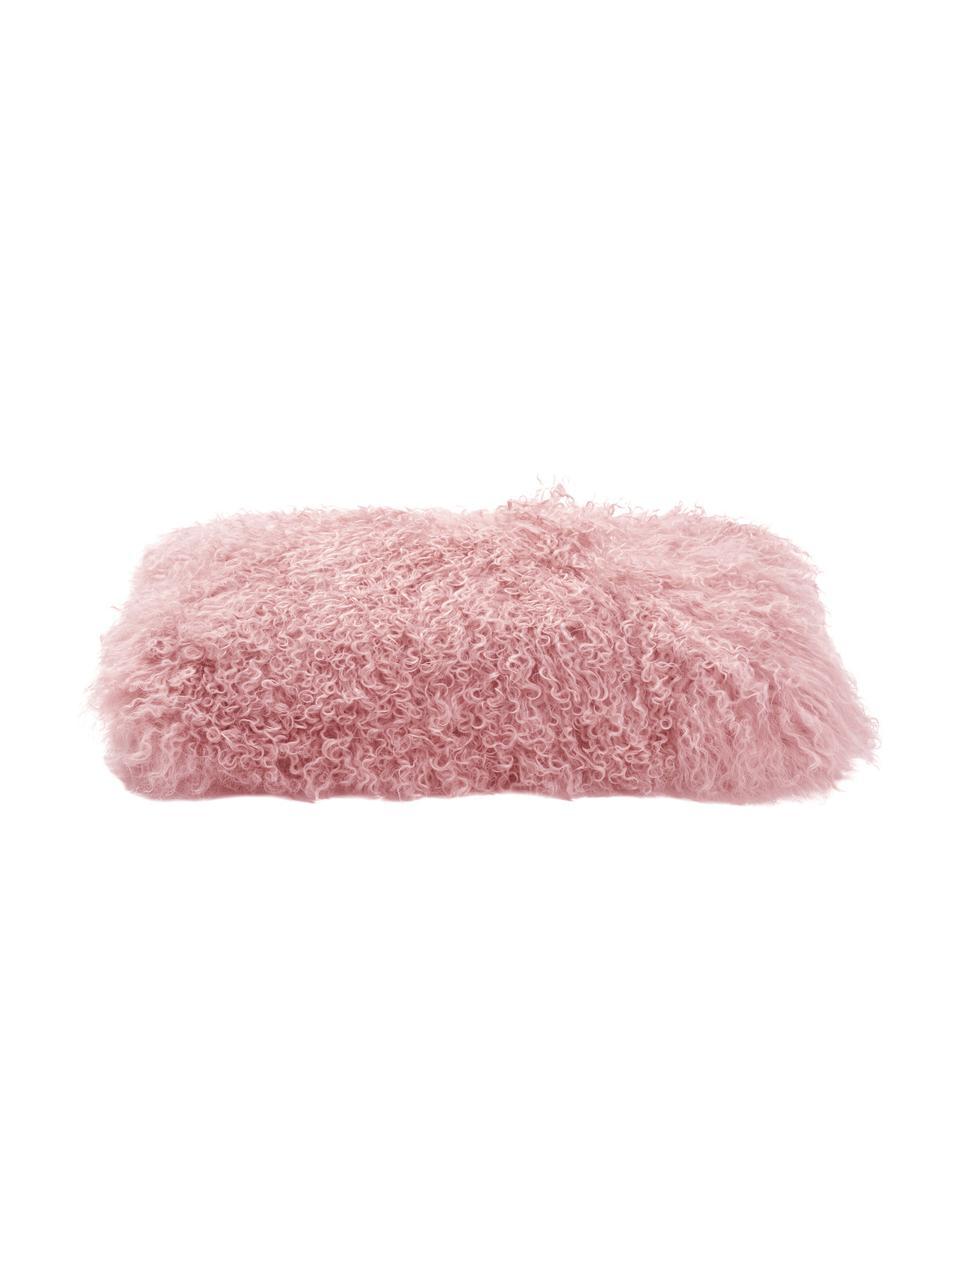 Kussenhoes van langharige schapenvacht Ella, gekruld, Roze, 30 x 50 cm